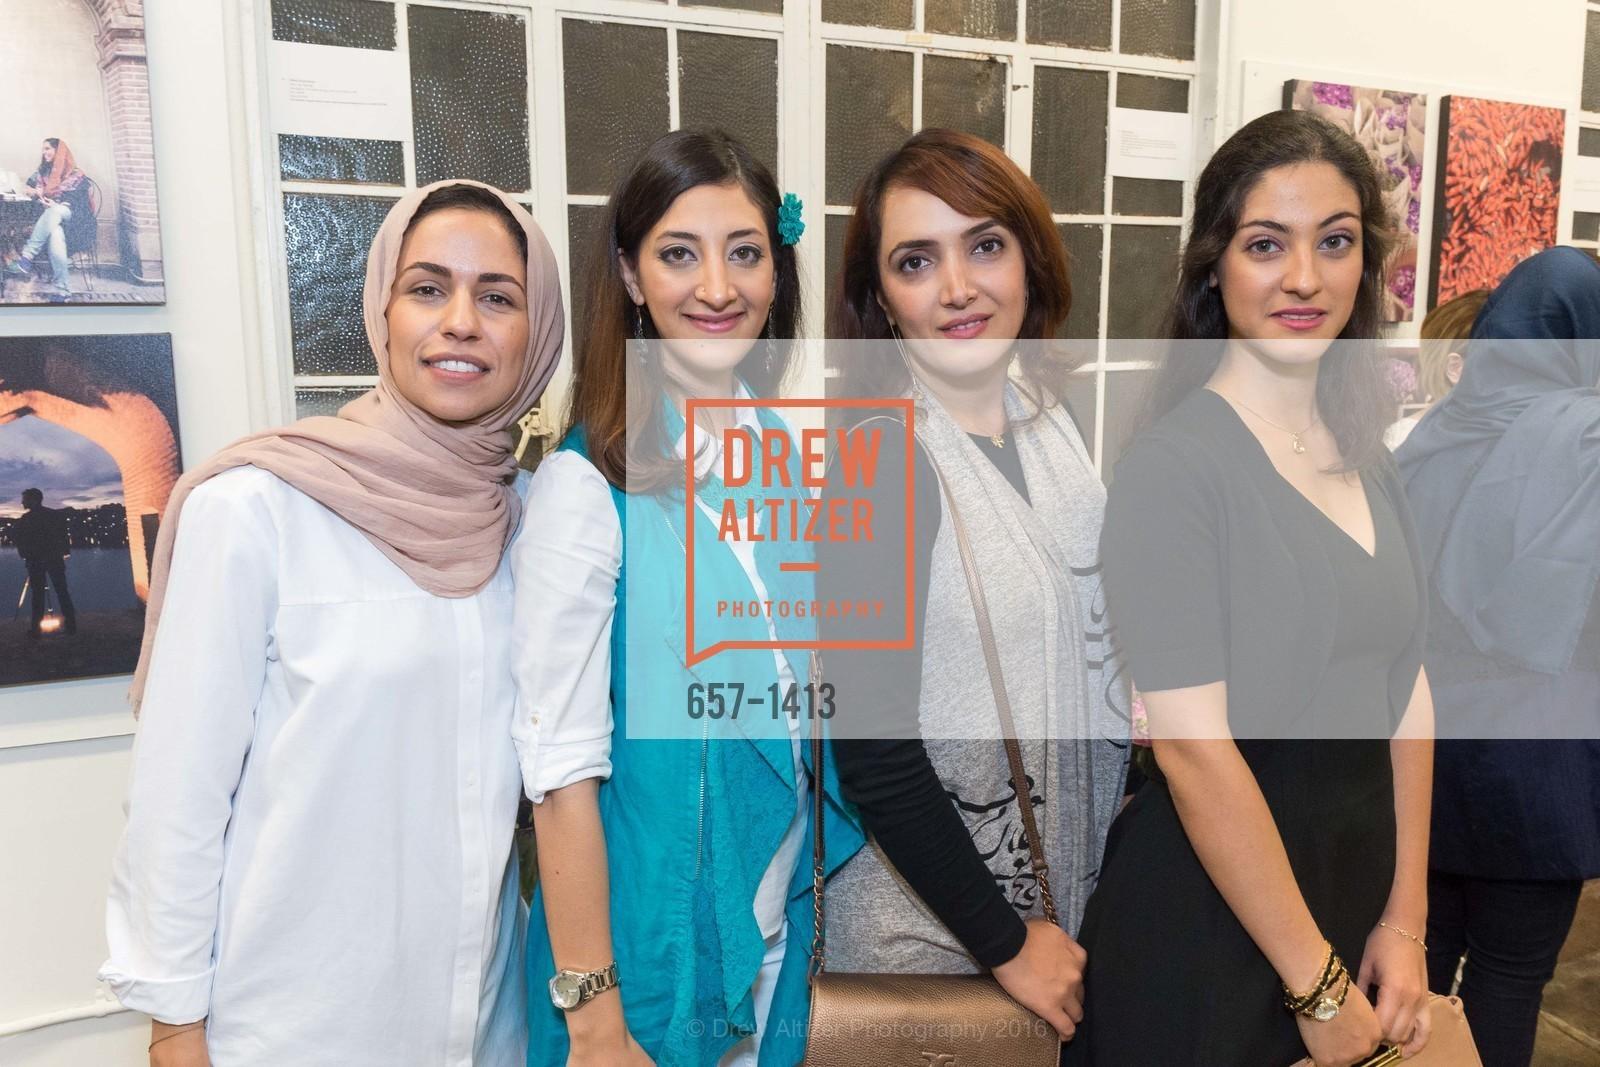 Kosar Jahani, Zara Sareni, Zahra Salamat, Sagem Sareni, Photo #657-1413